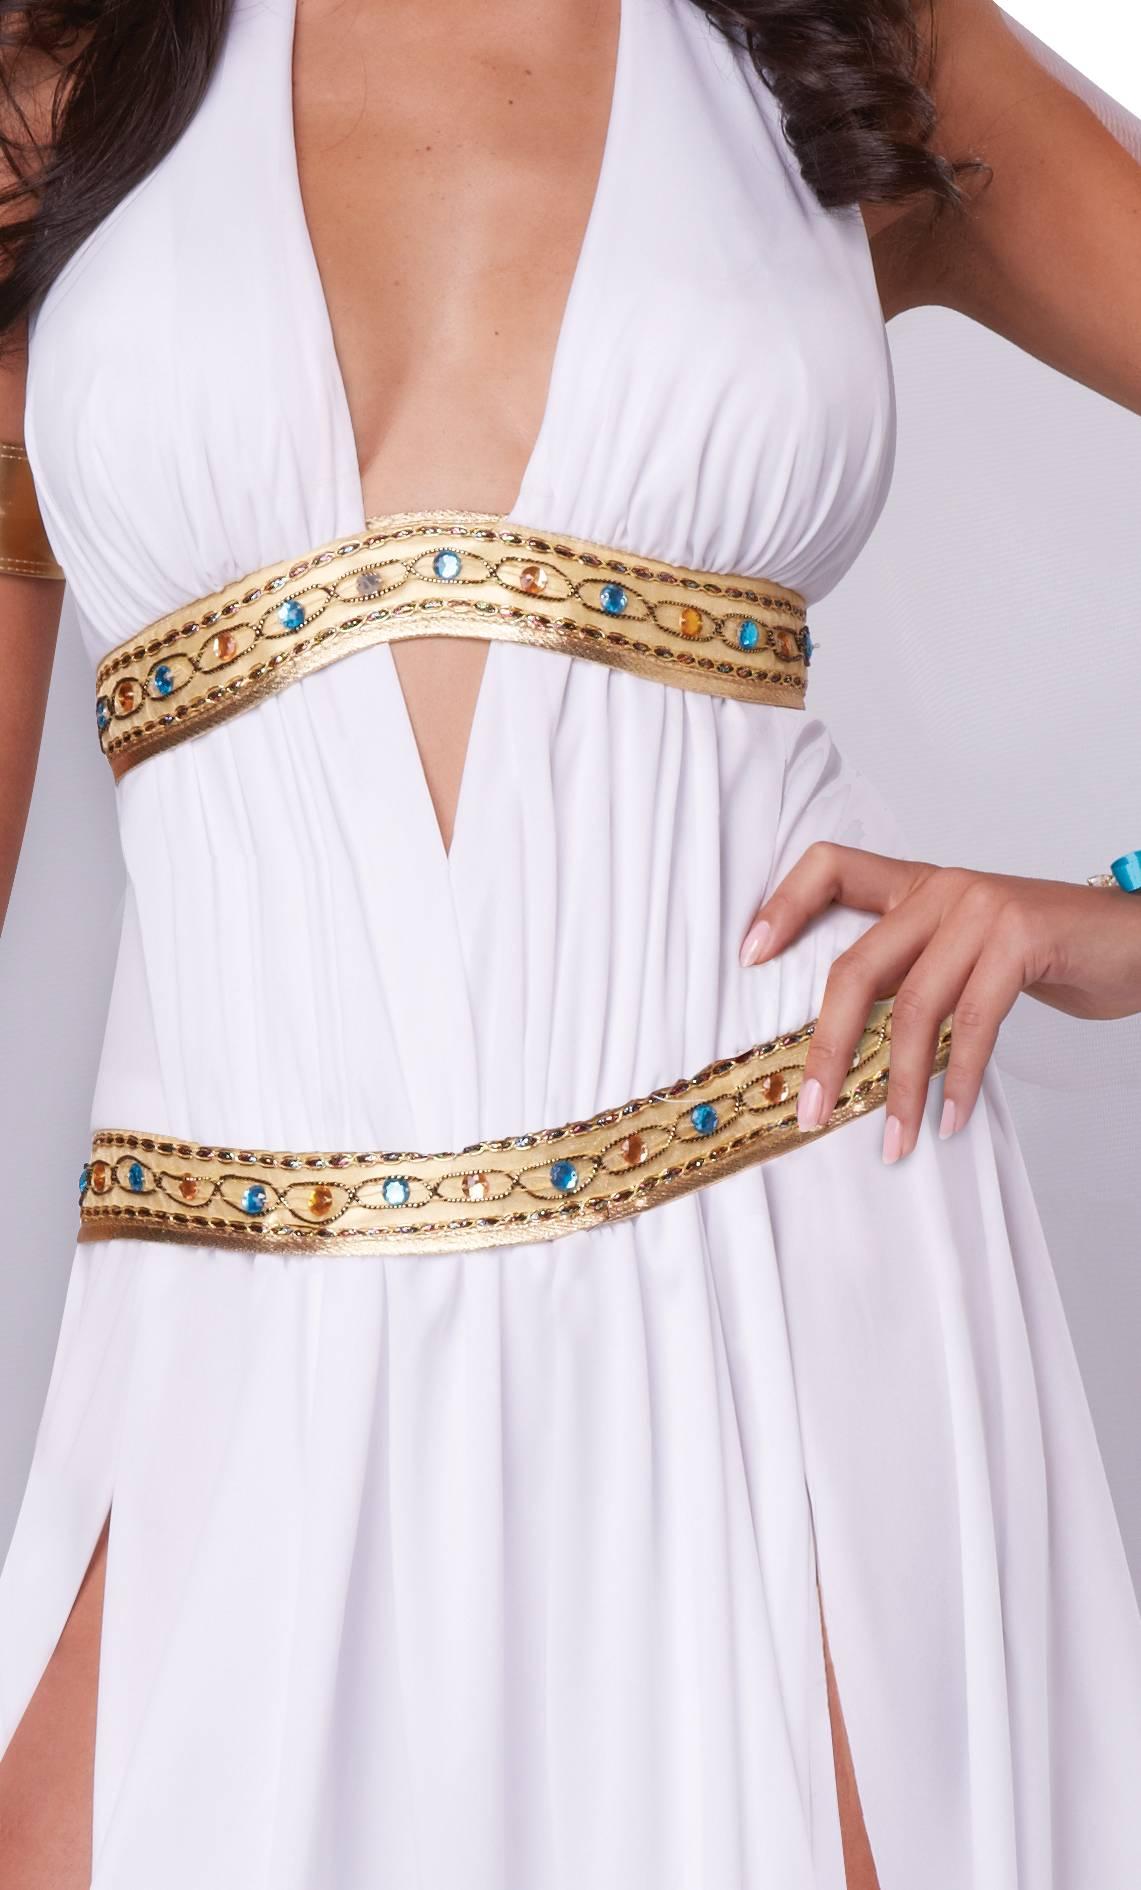 Costume-Déesse-Athéna-Aphrodite-2